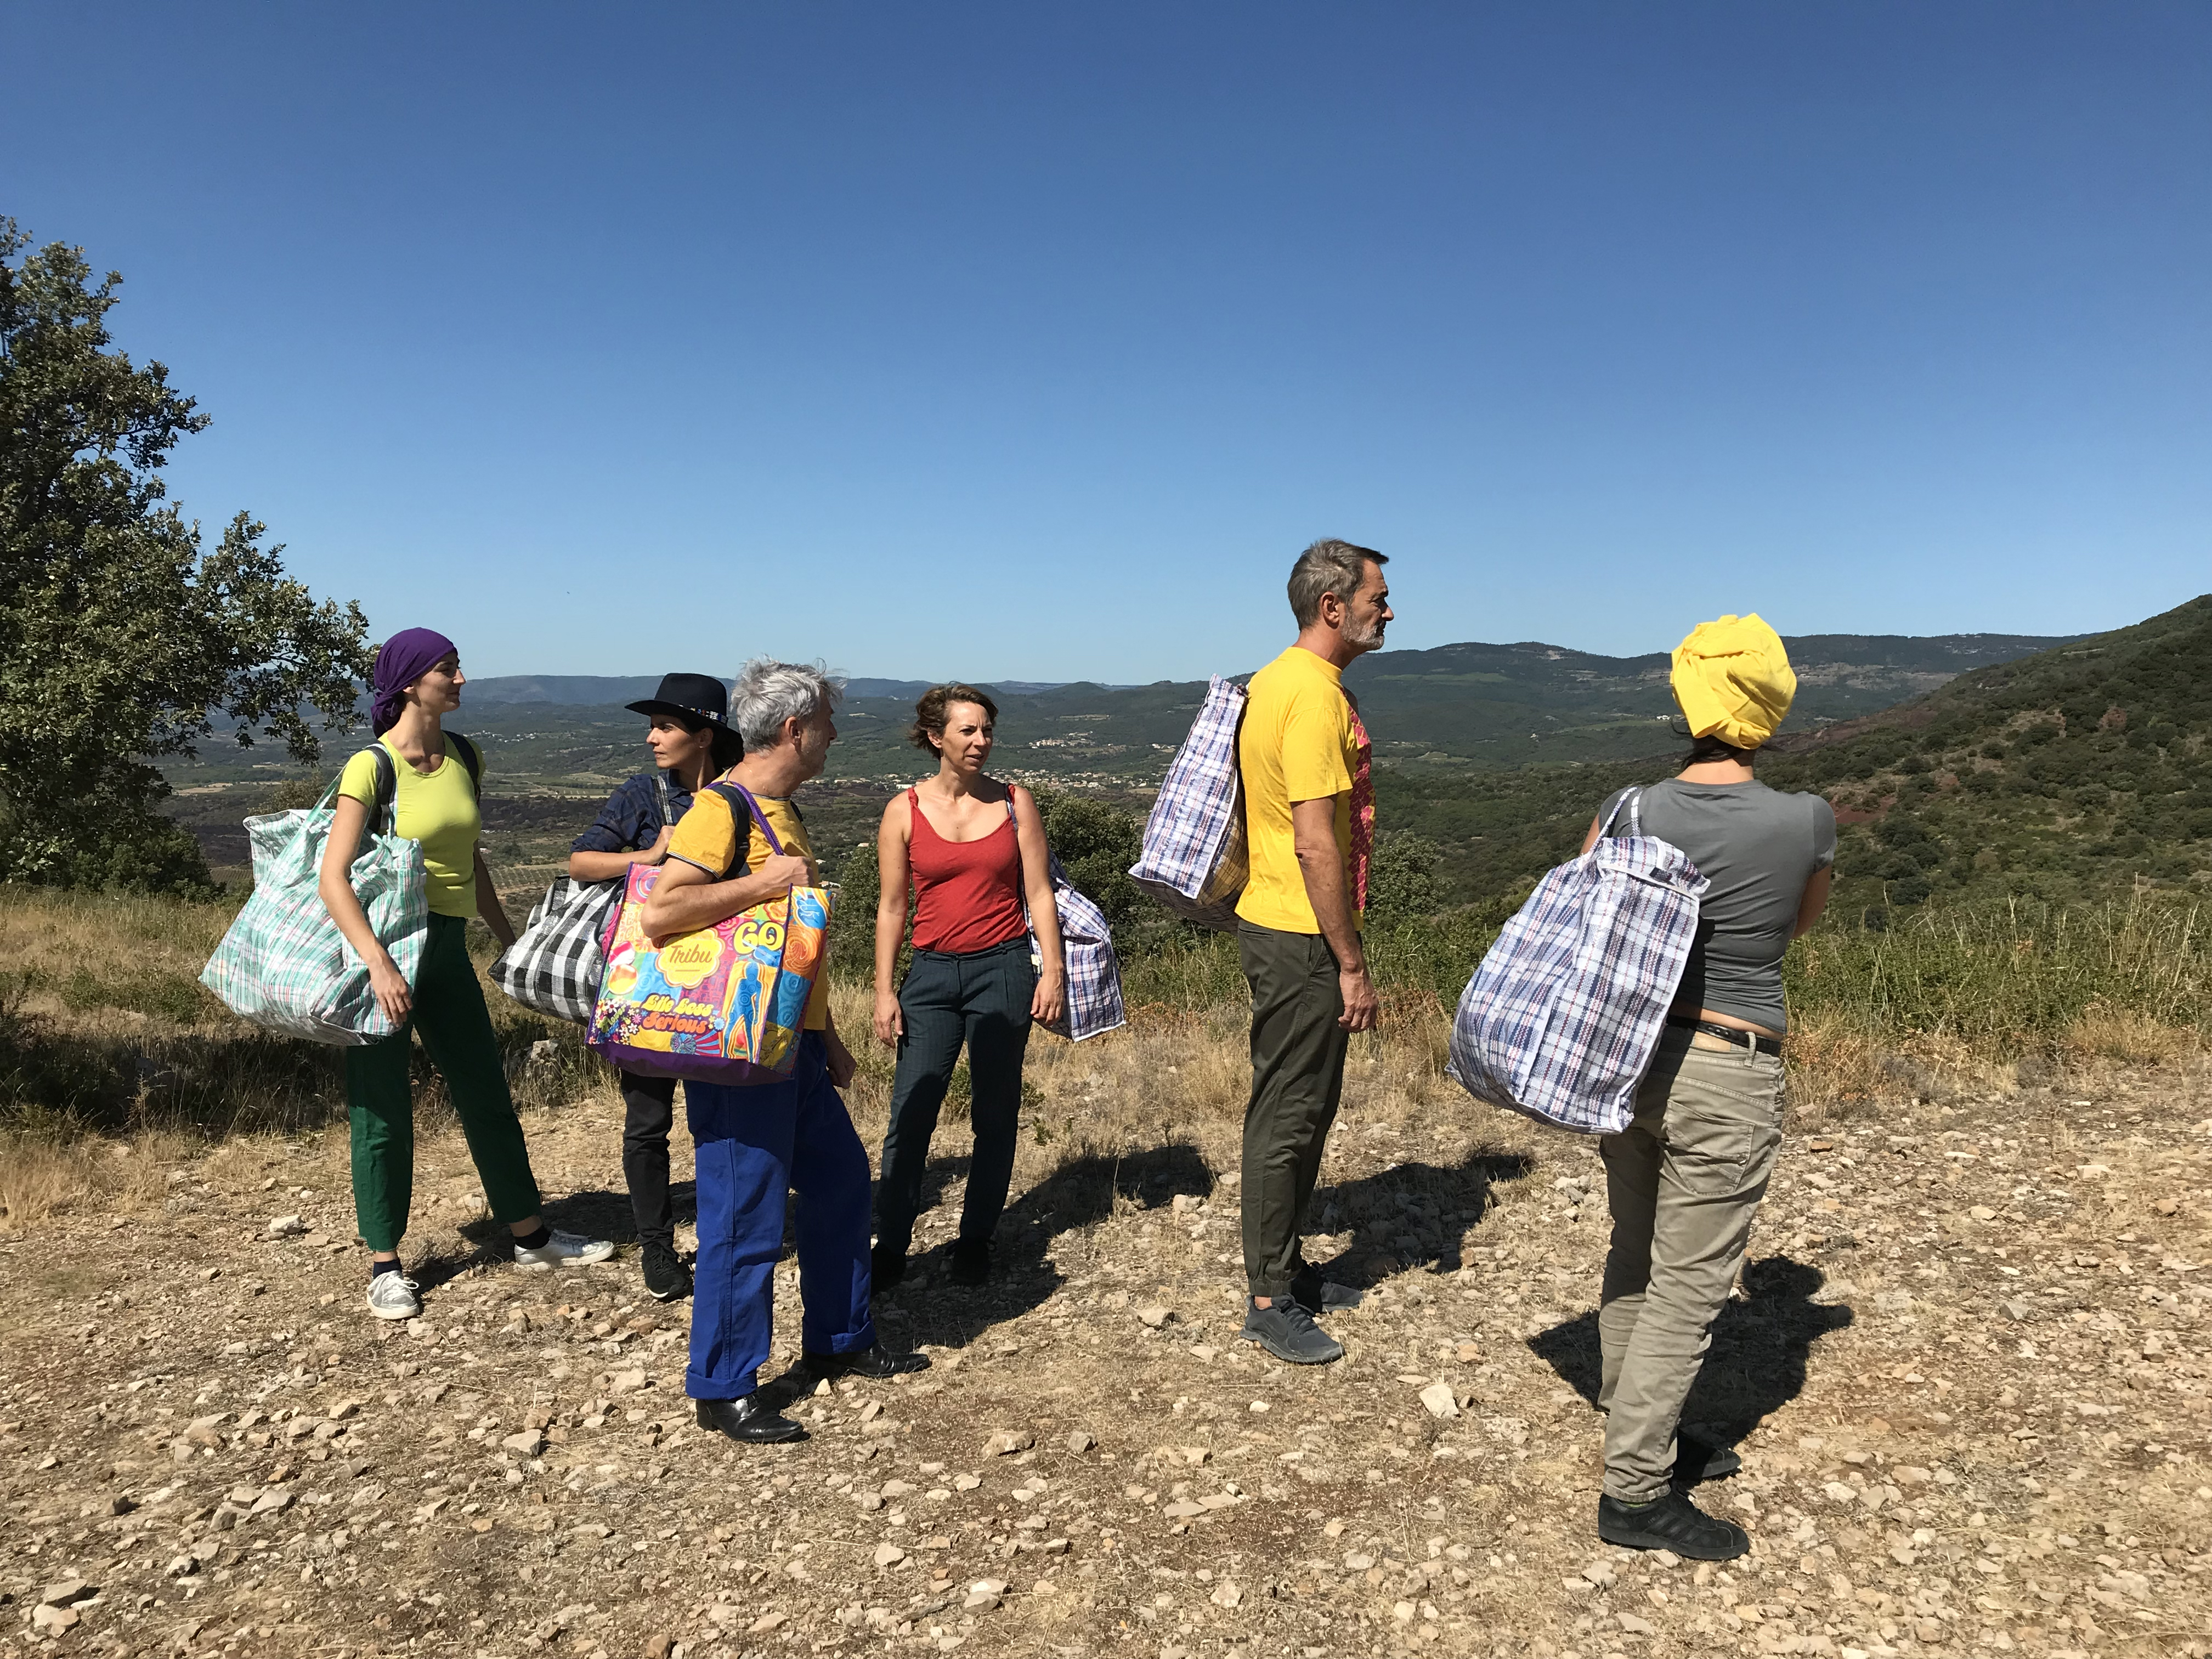 En Ardèche Buissonnière : que faire à Privas ? : Tribu in situ : Performance danse participative